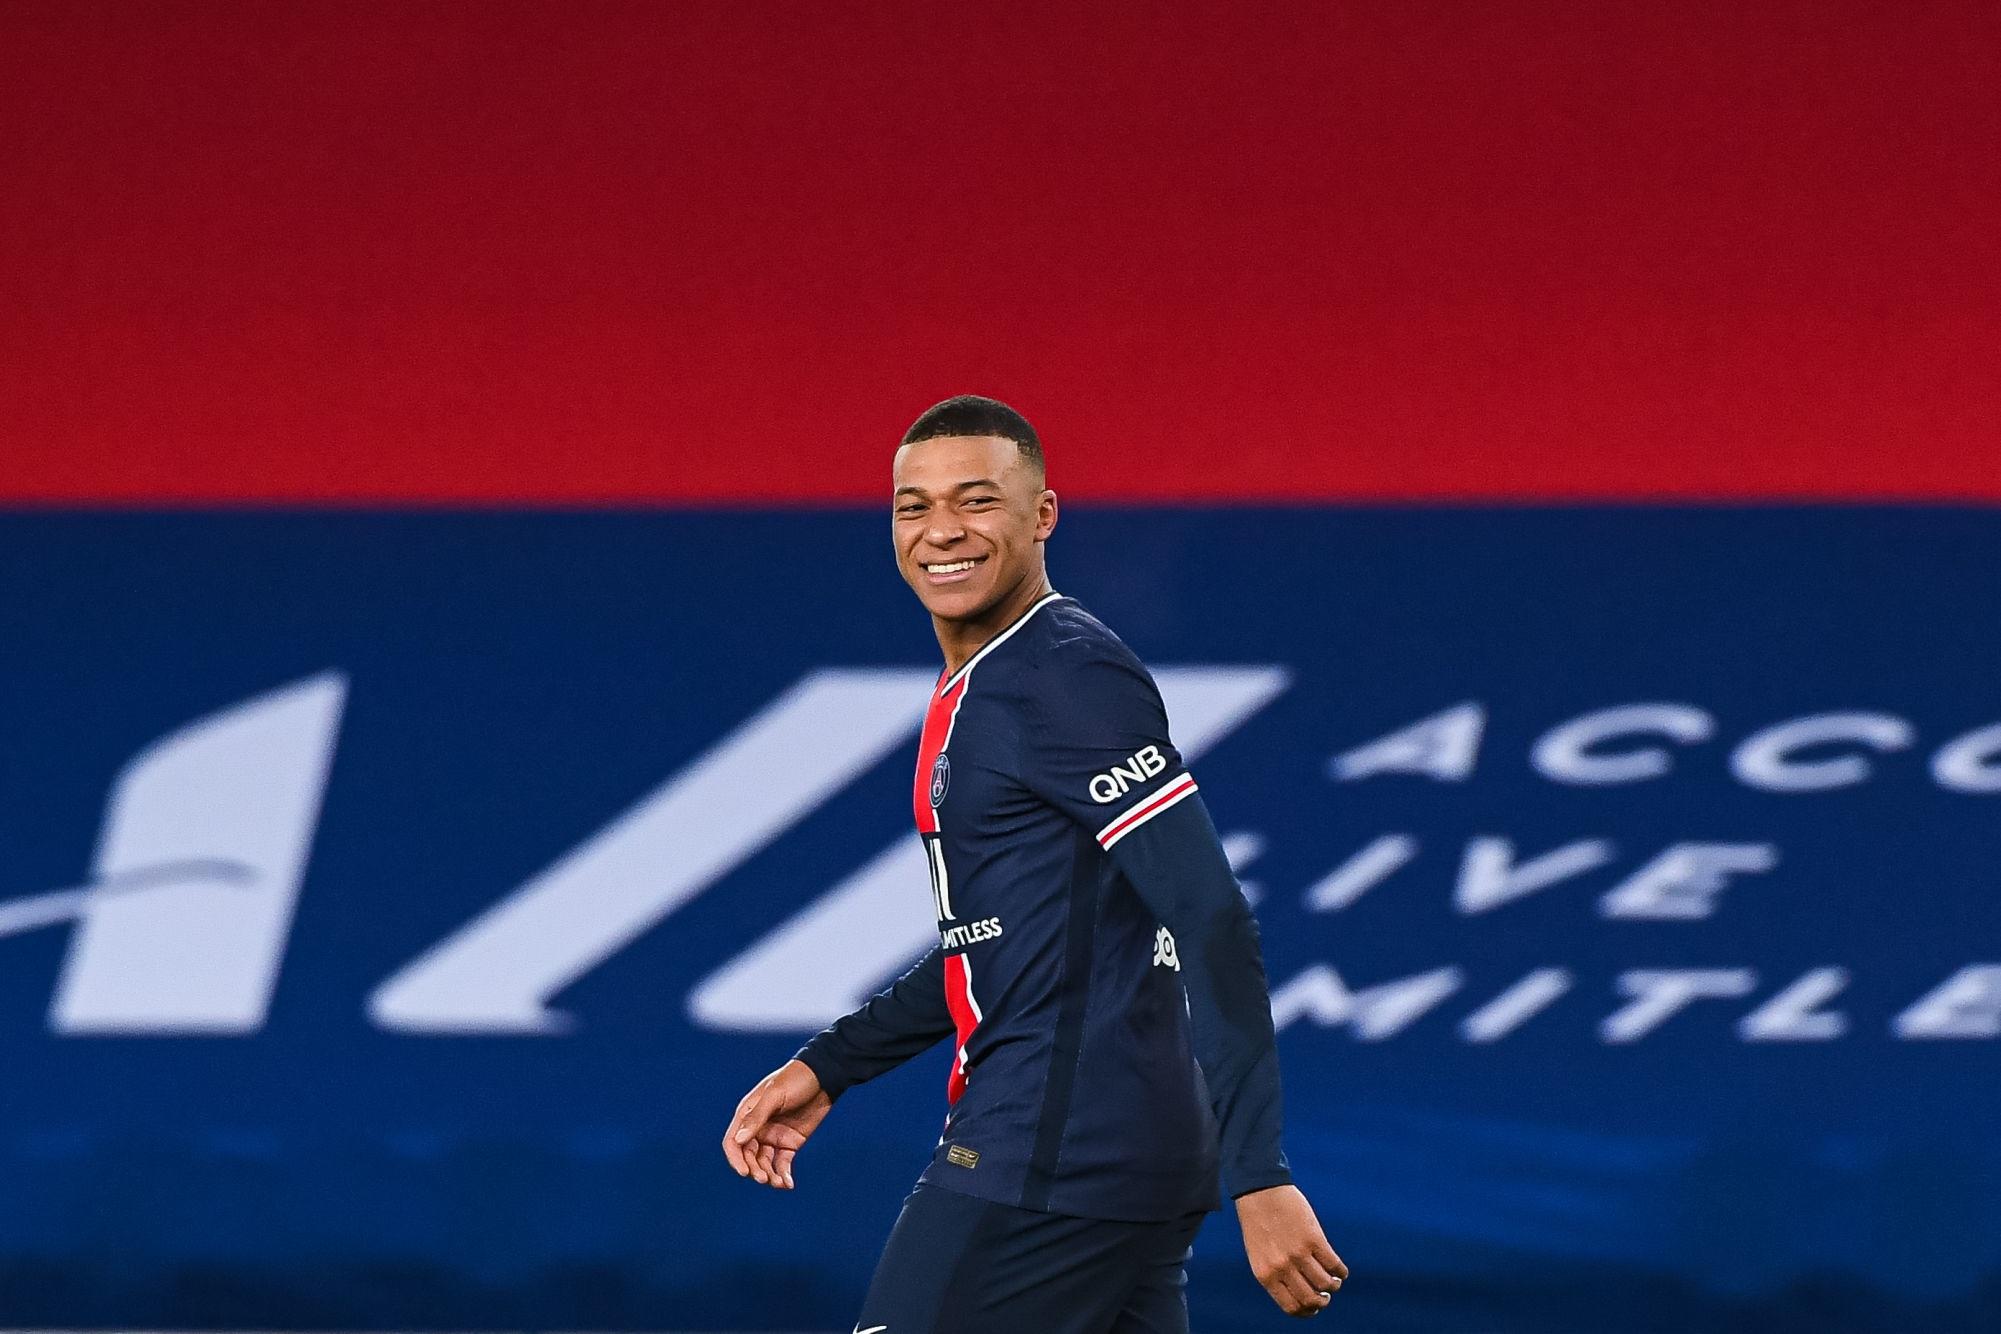 """PSG/Montpellier - Mbappé évoque de la fierté et le """"plaisir à jouer ensemble"""""""